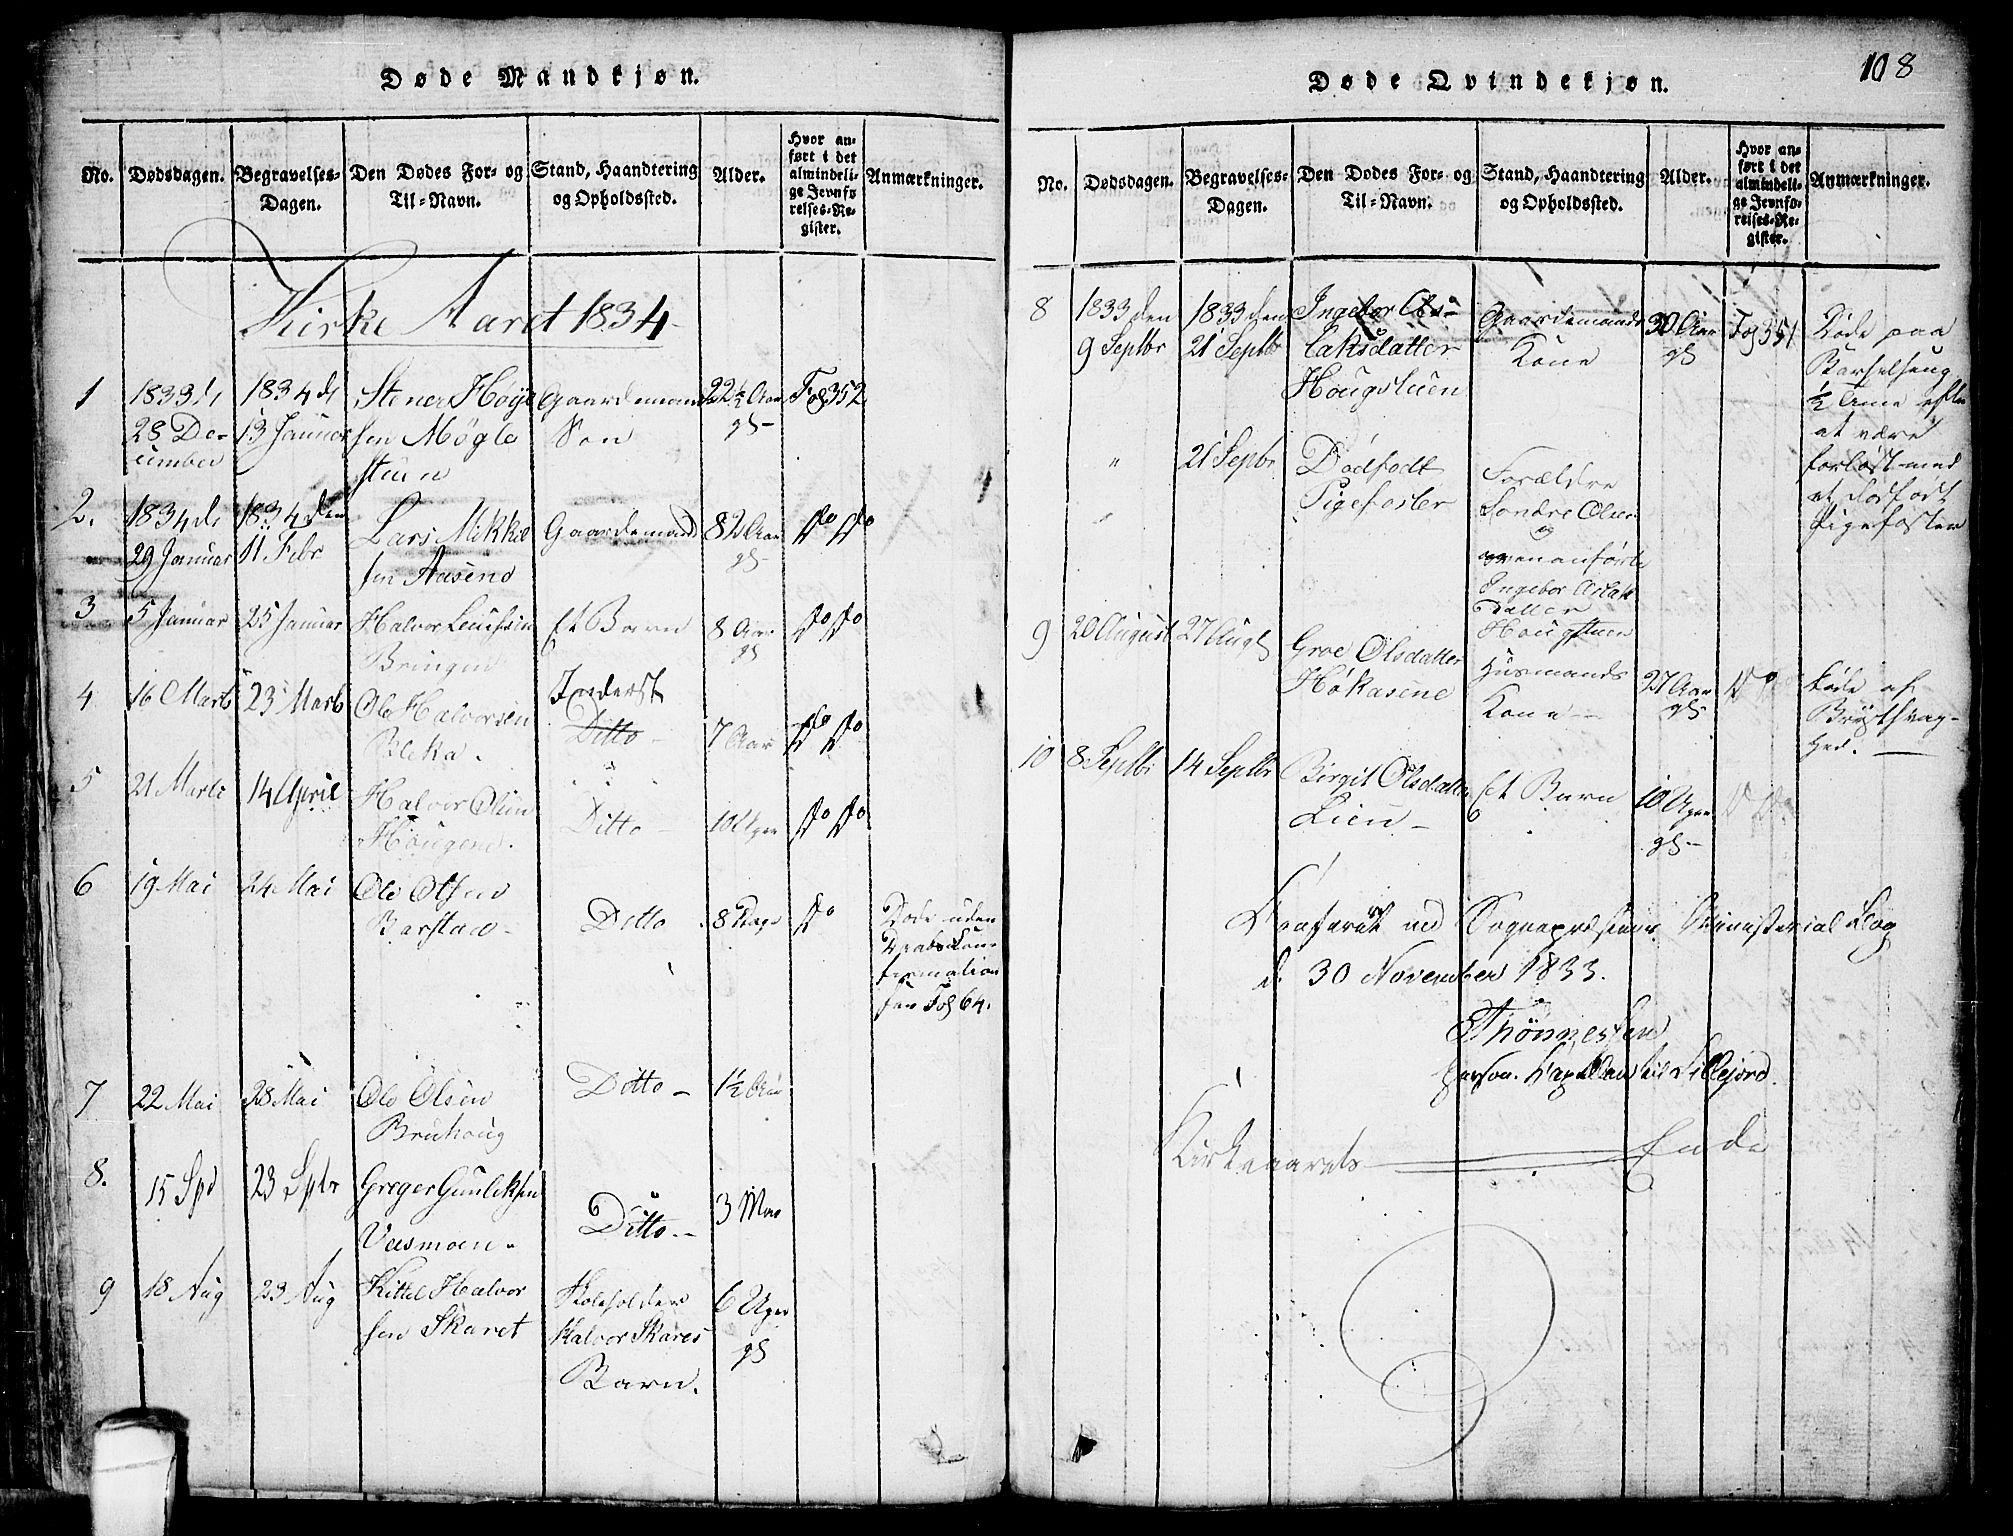 SAKO, Seljord kirkebøker, G/Gb/L0002: Klokkerbok nr. II 2, 1815-1854, s. 108